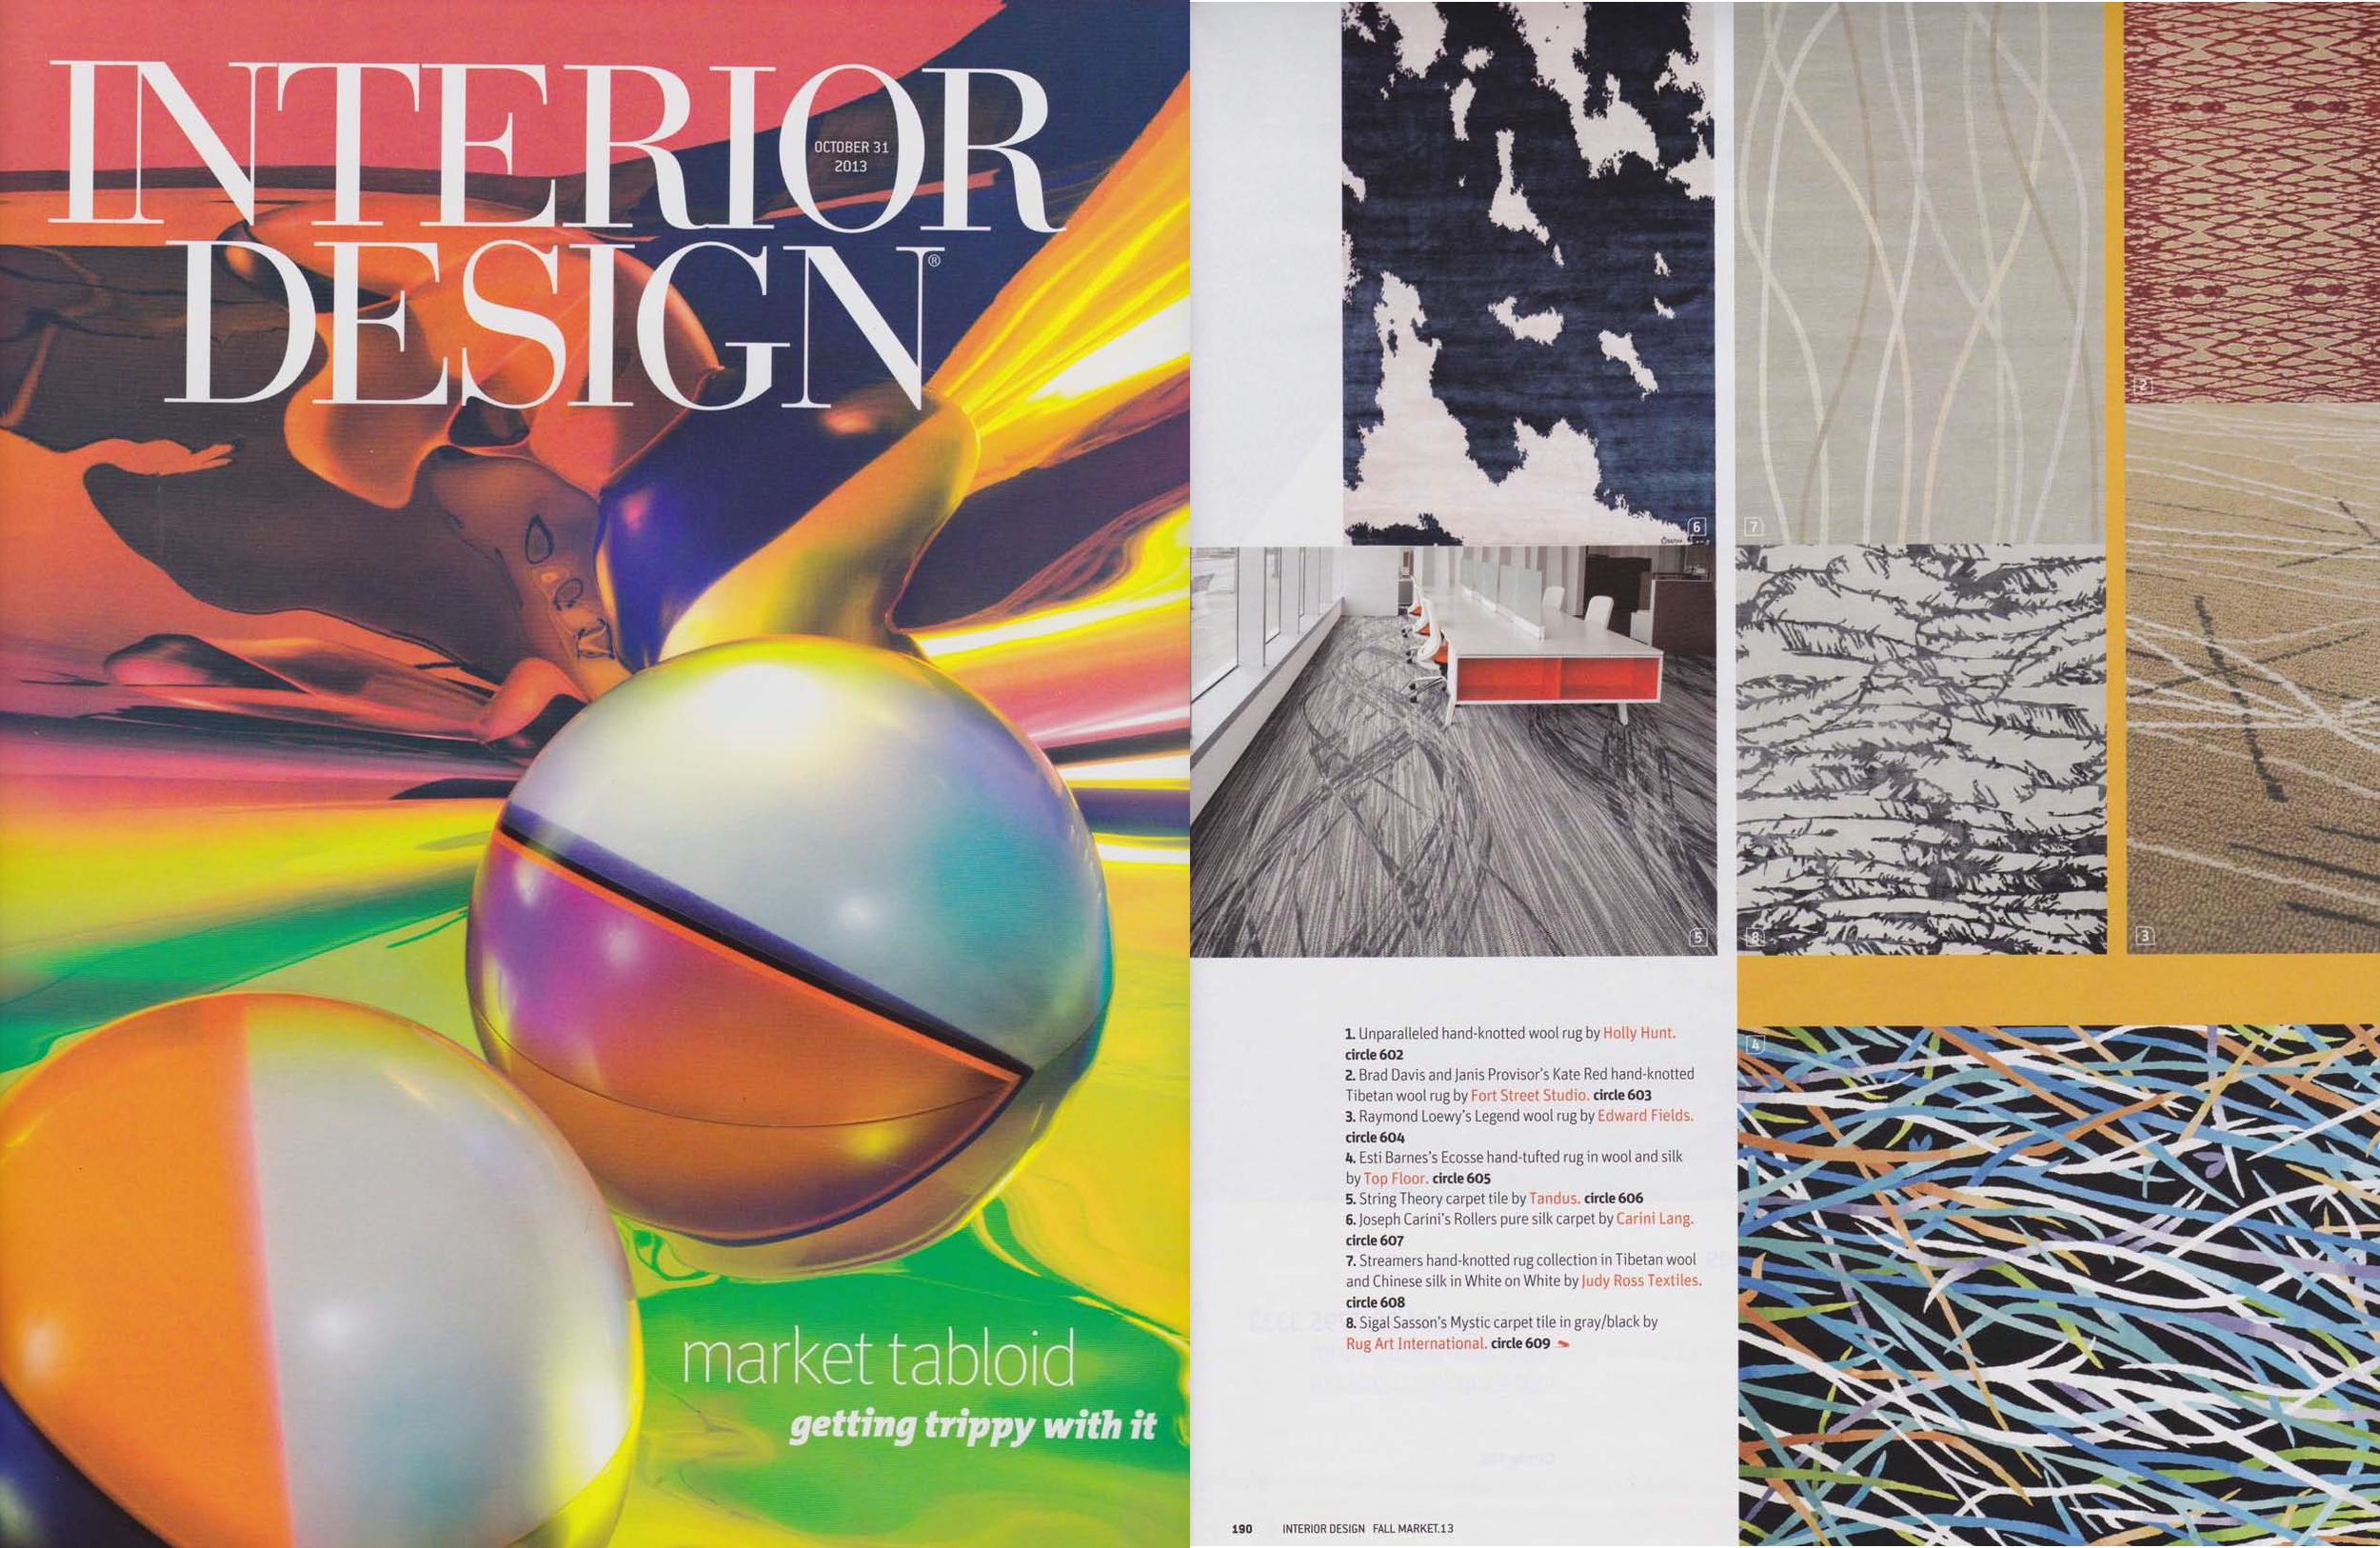 Interior Design - October 2013 - 2-1.jpg